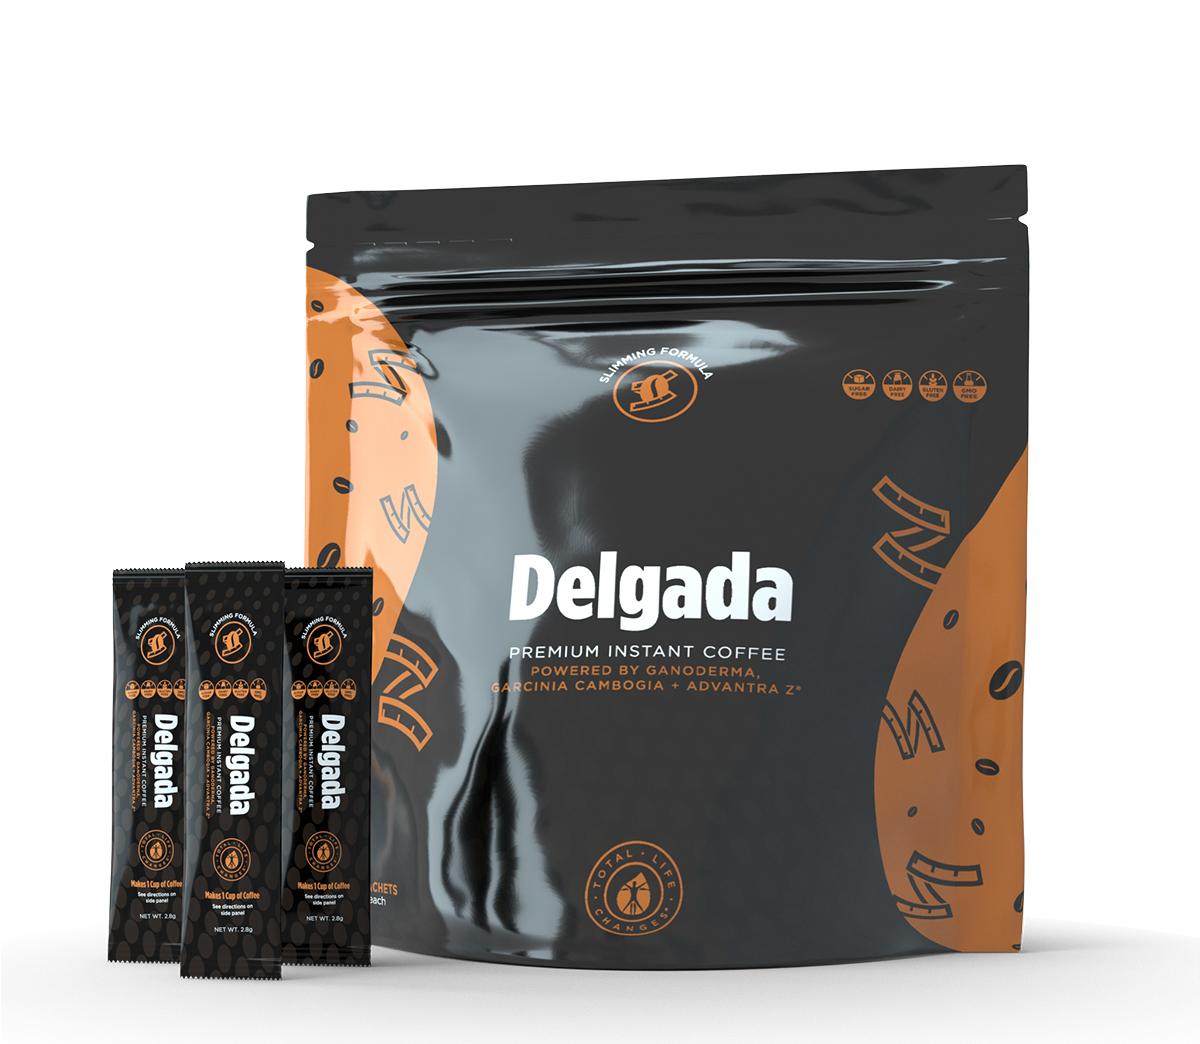 Iaso Delgada Premium koffie voor 2 weken